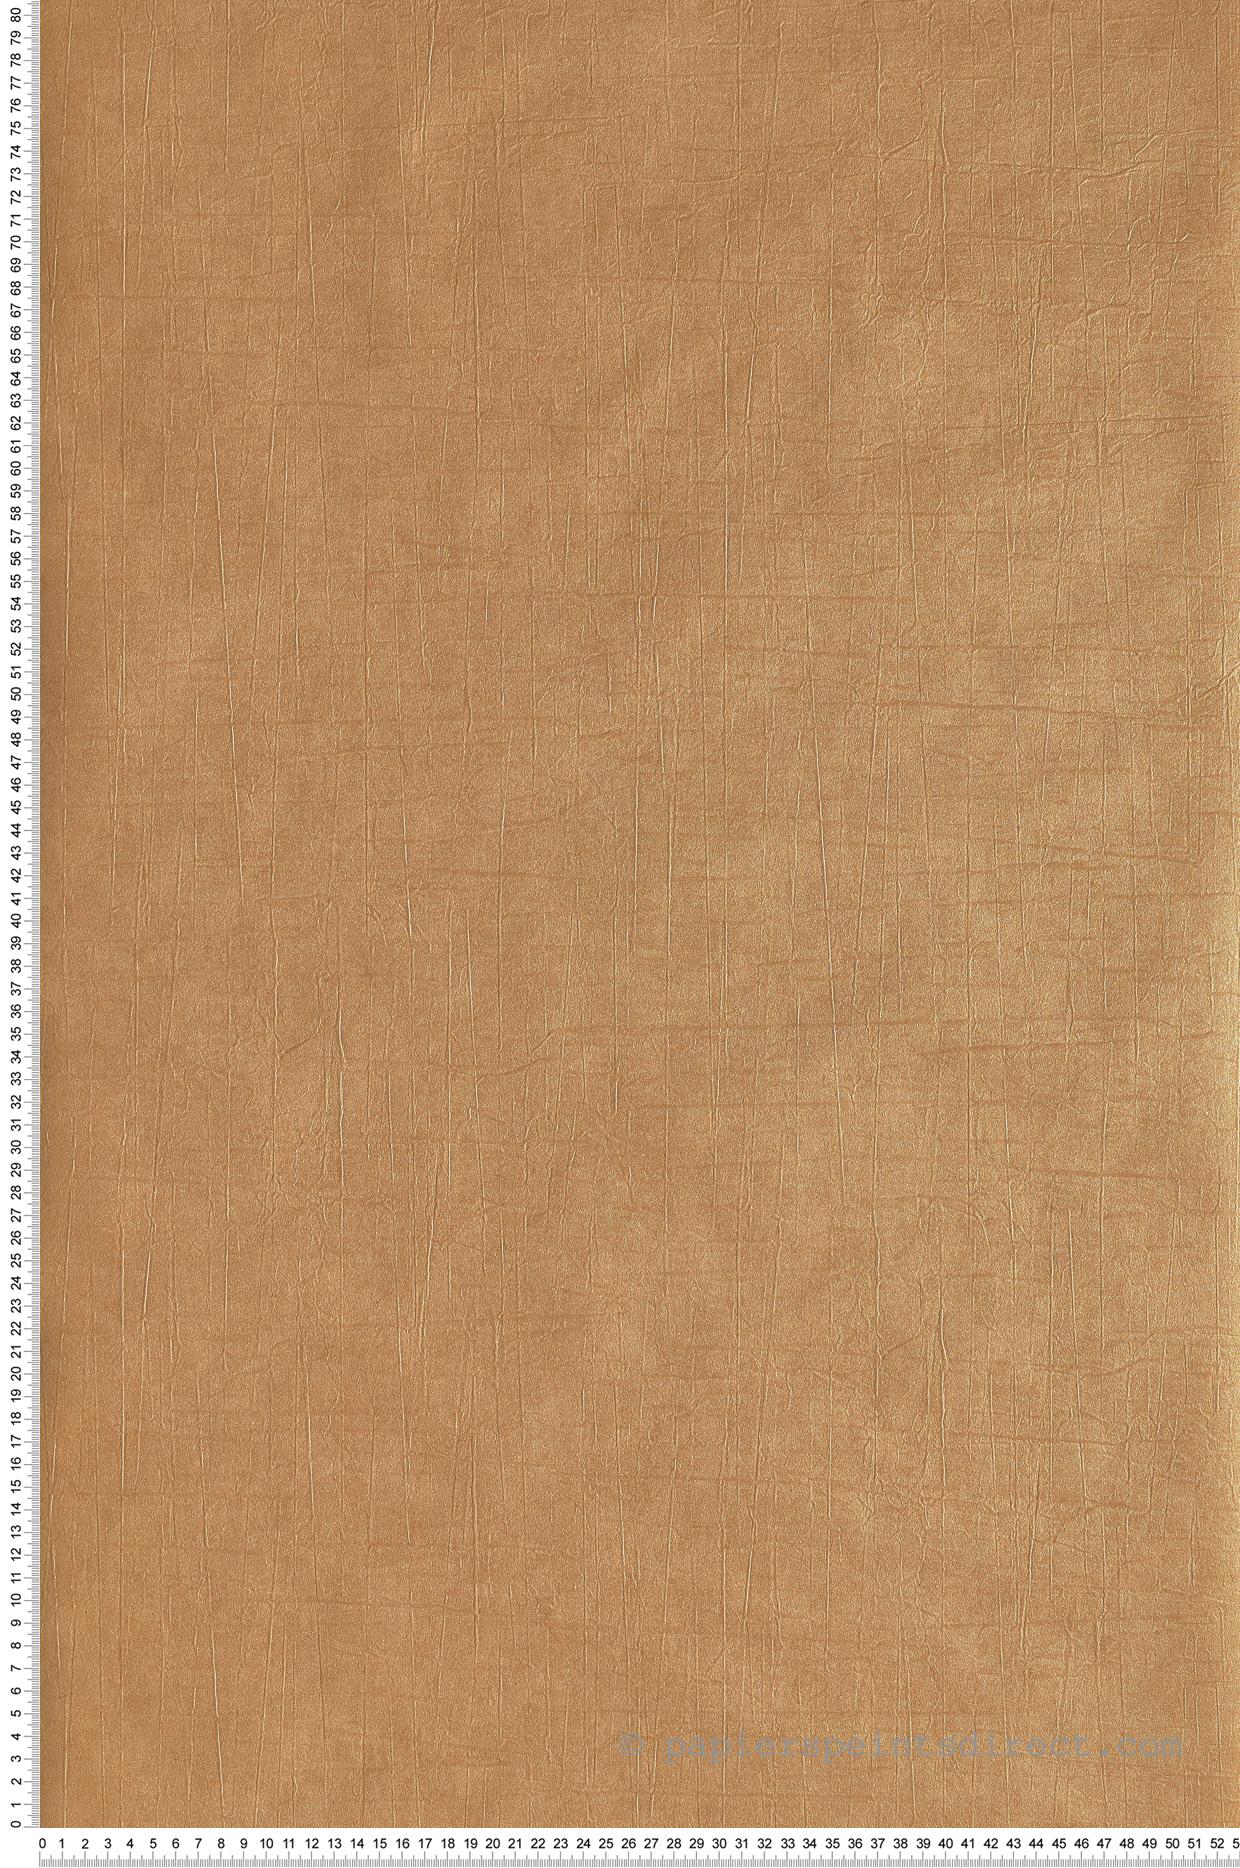 Papier Peint Métallisé Uni Washi Jaune Safran Doré Nova De